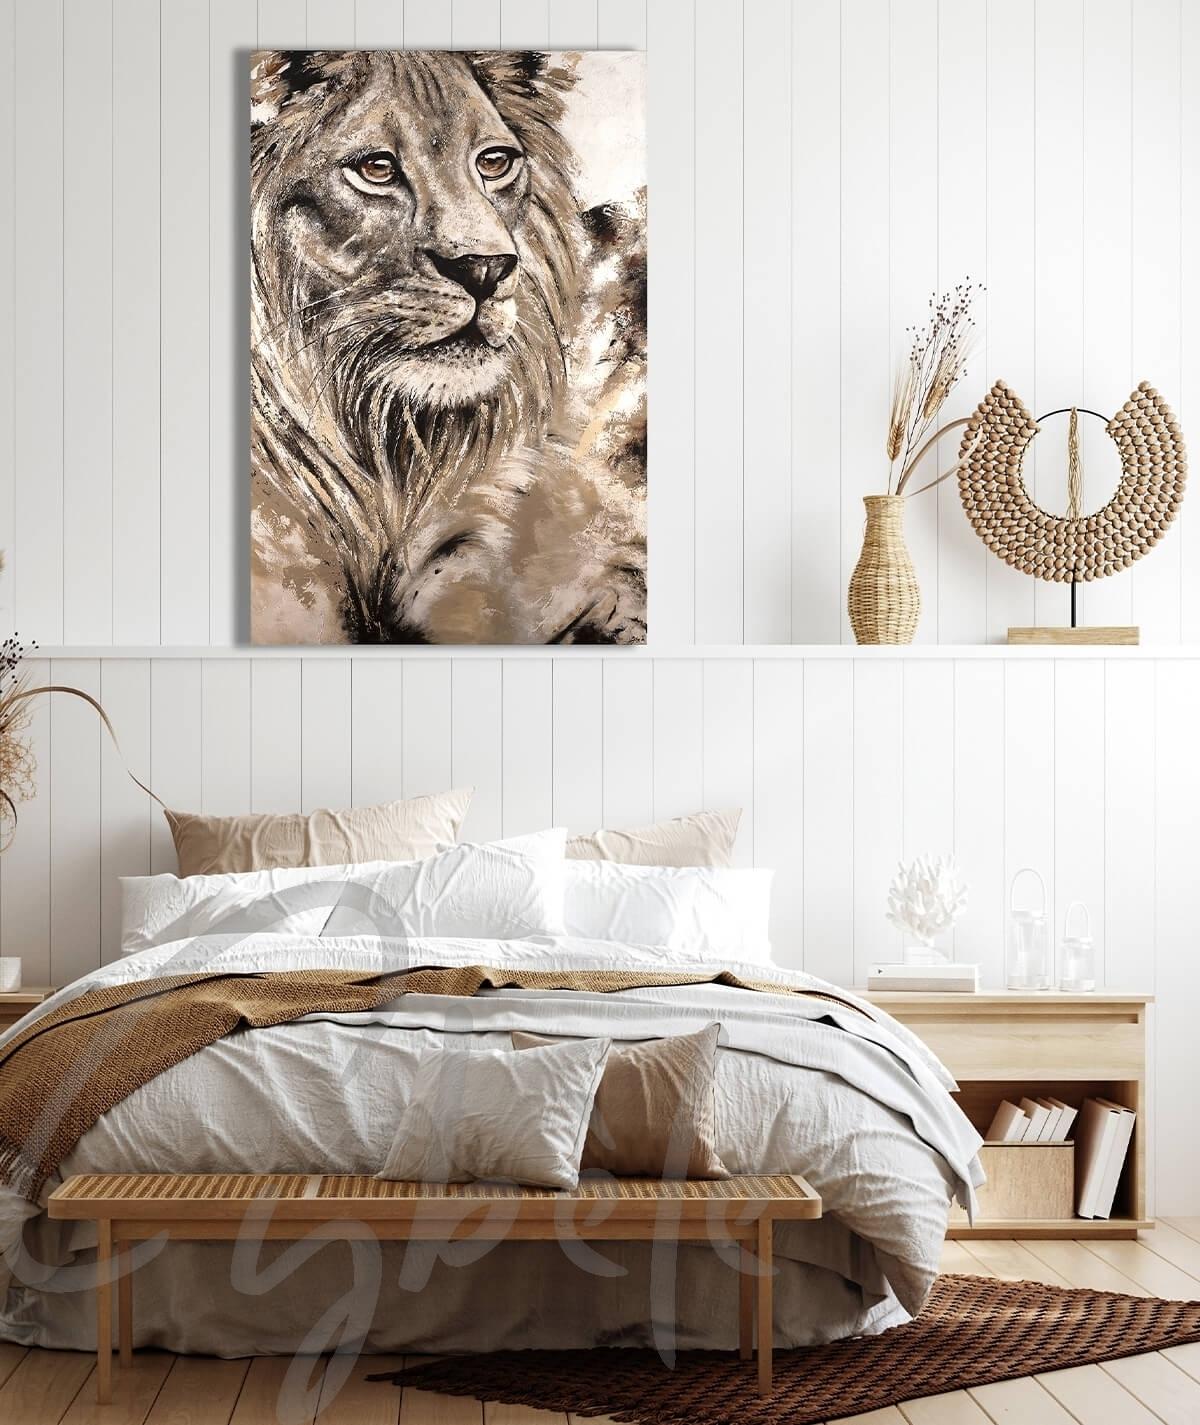 Décoration intérieure pour chambre tête de lion dit Plénitude